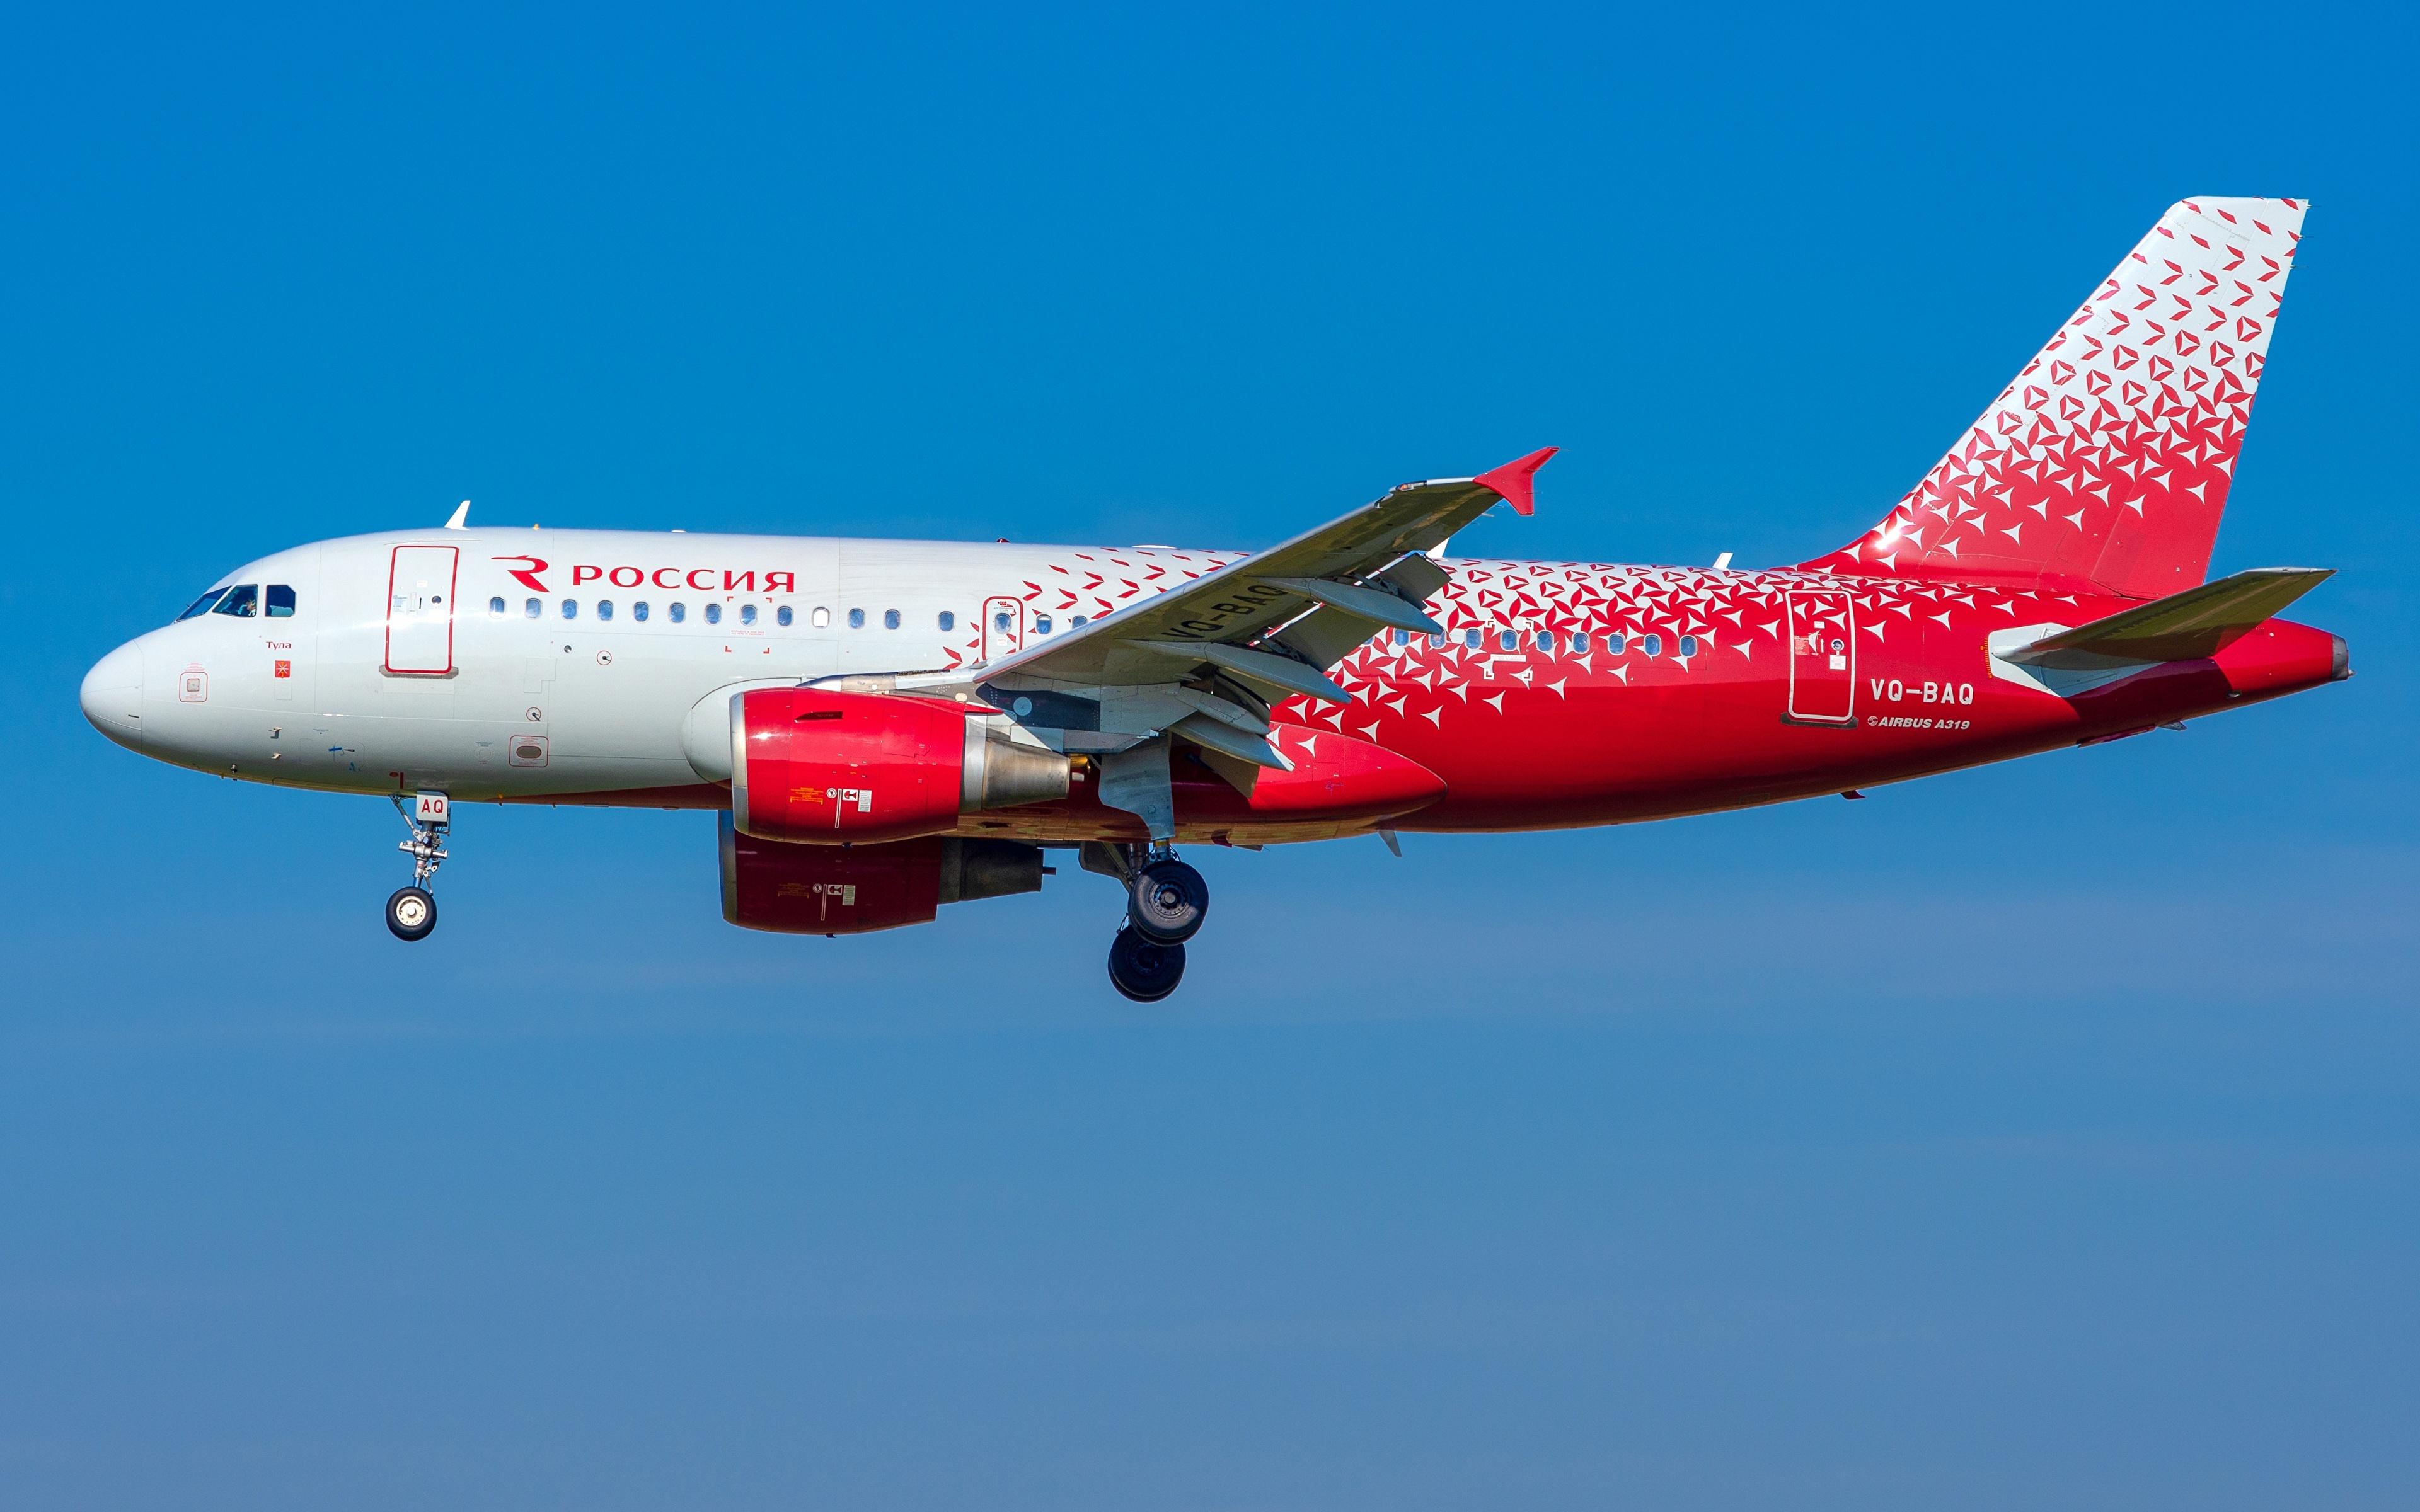 3840x2400,飛機,民航飛機,,航空,